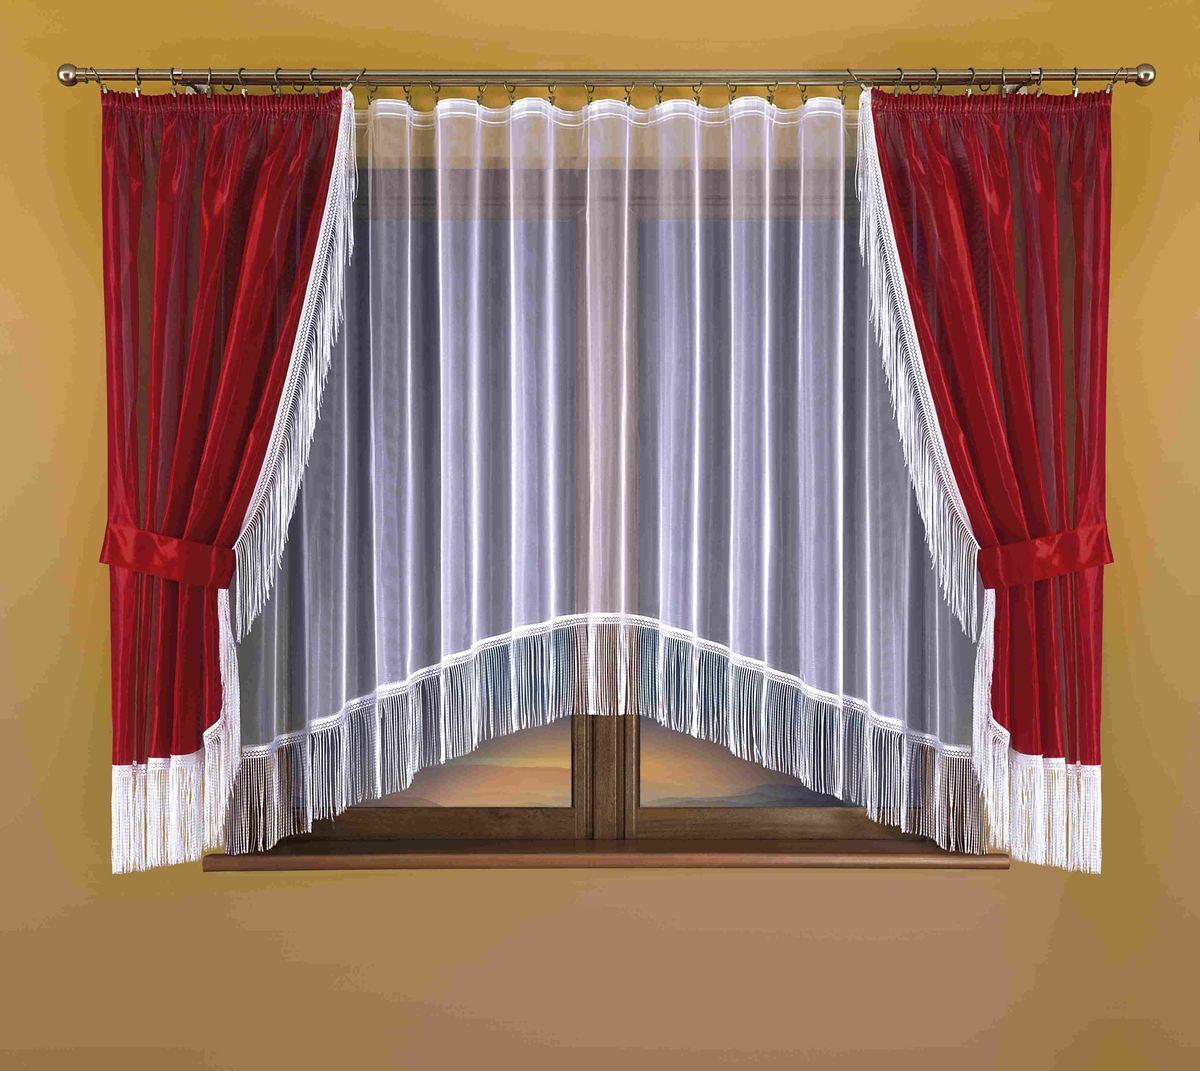 Комплект штор для кухни Wisan Hana, на ленте, цвет: белый, бордо, высота 170 см264WКомплект штор для кухни Wisan Hana, выполненный из полиэстера, великолепно украсит окно. В комплект входят 2 шторы, тюль и 2 подхвата. Бахрома придает комплекту особый стиль и шарм. Тонкое плетение, нежная цветовая гамма и роскошное исполнение - все это делает шторы Wisan Hana замечательным дополнением интерьера кухни. Шторы оснащены шторной лентой для красивой сборки, а также двумя подхватами. В комплект входит: Штора - 2 шт. Размер (ШхВ): 150 см х 170 см. Тюль - 1 шт. Размер (ШхВ): 300 см х 170 см. Подхват - 2 шт.